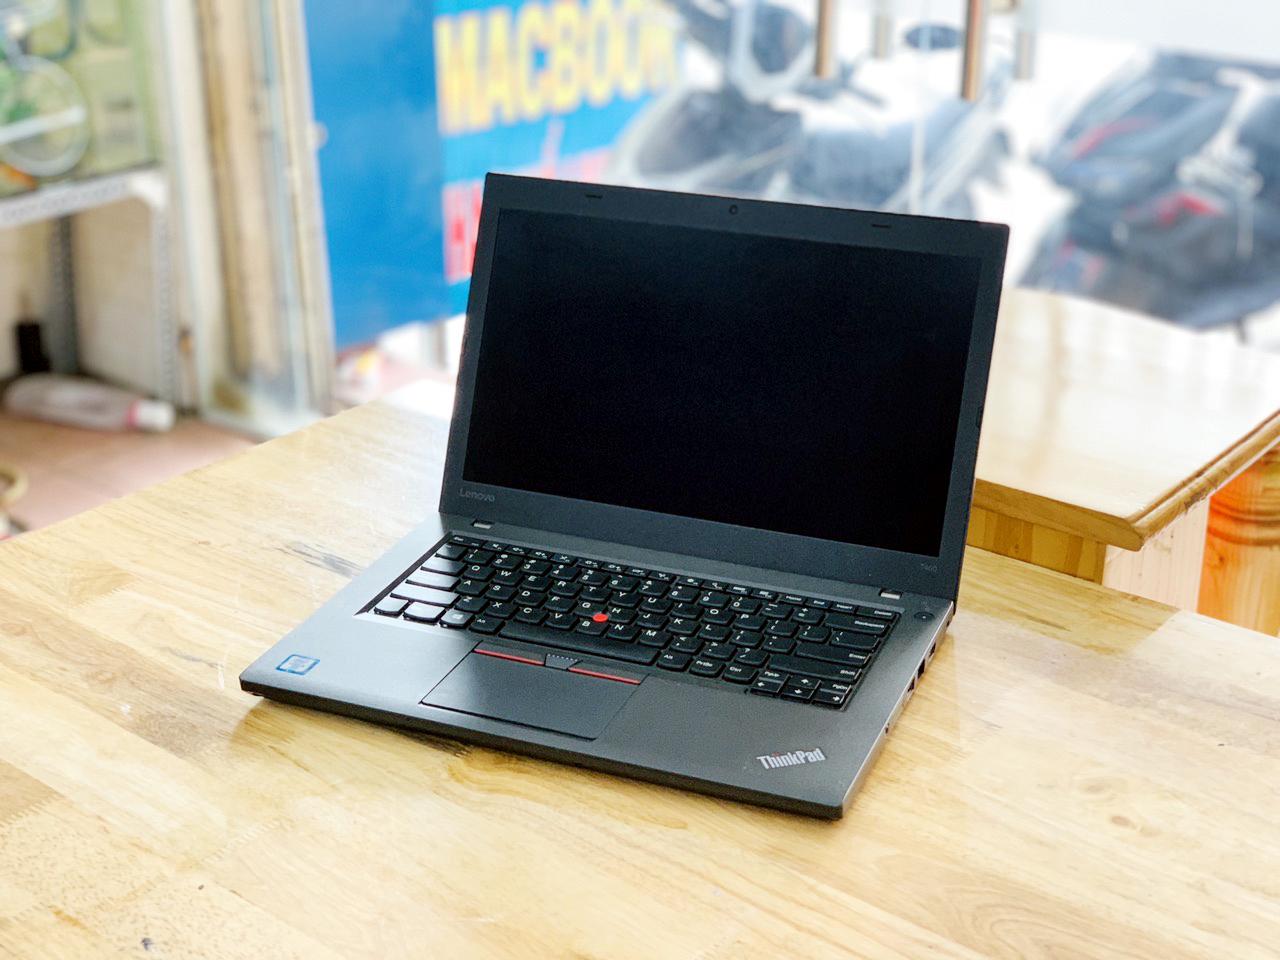 Lenovo Thinkpad T460